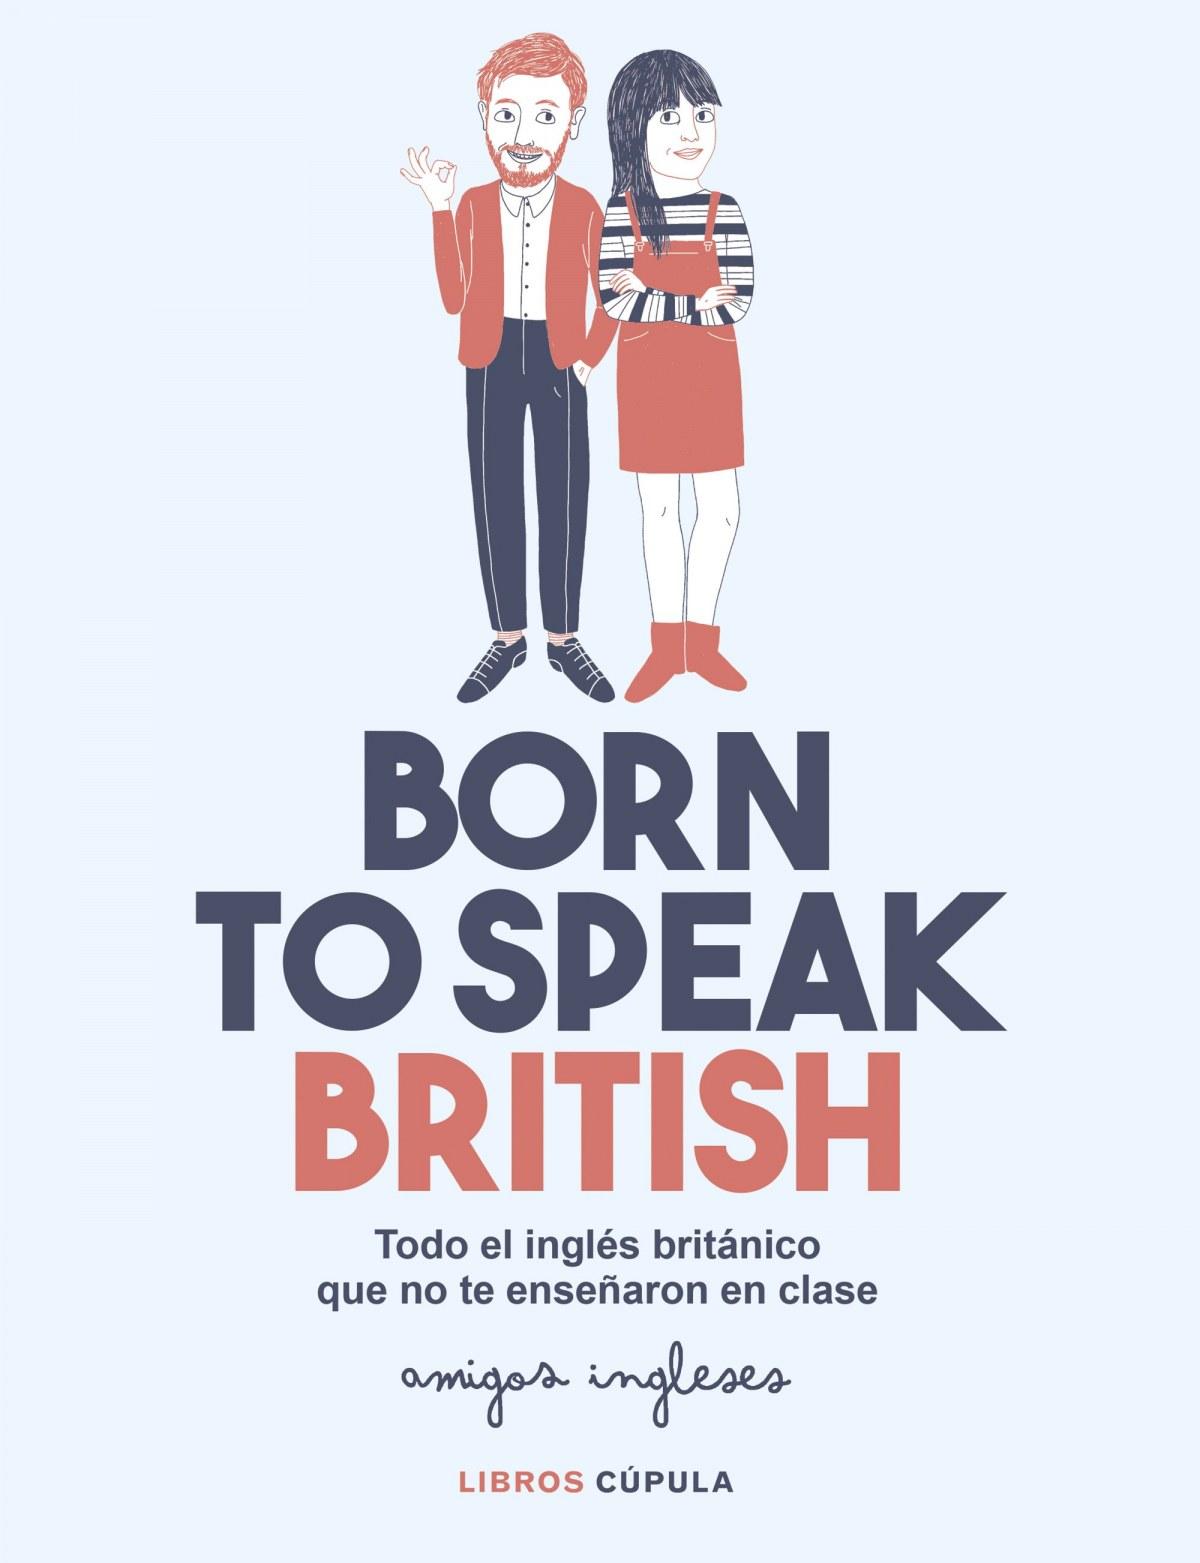 Born to speak British 9788448026028